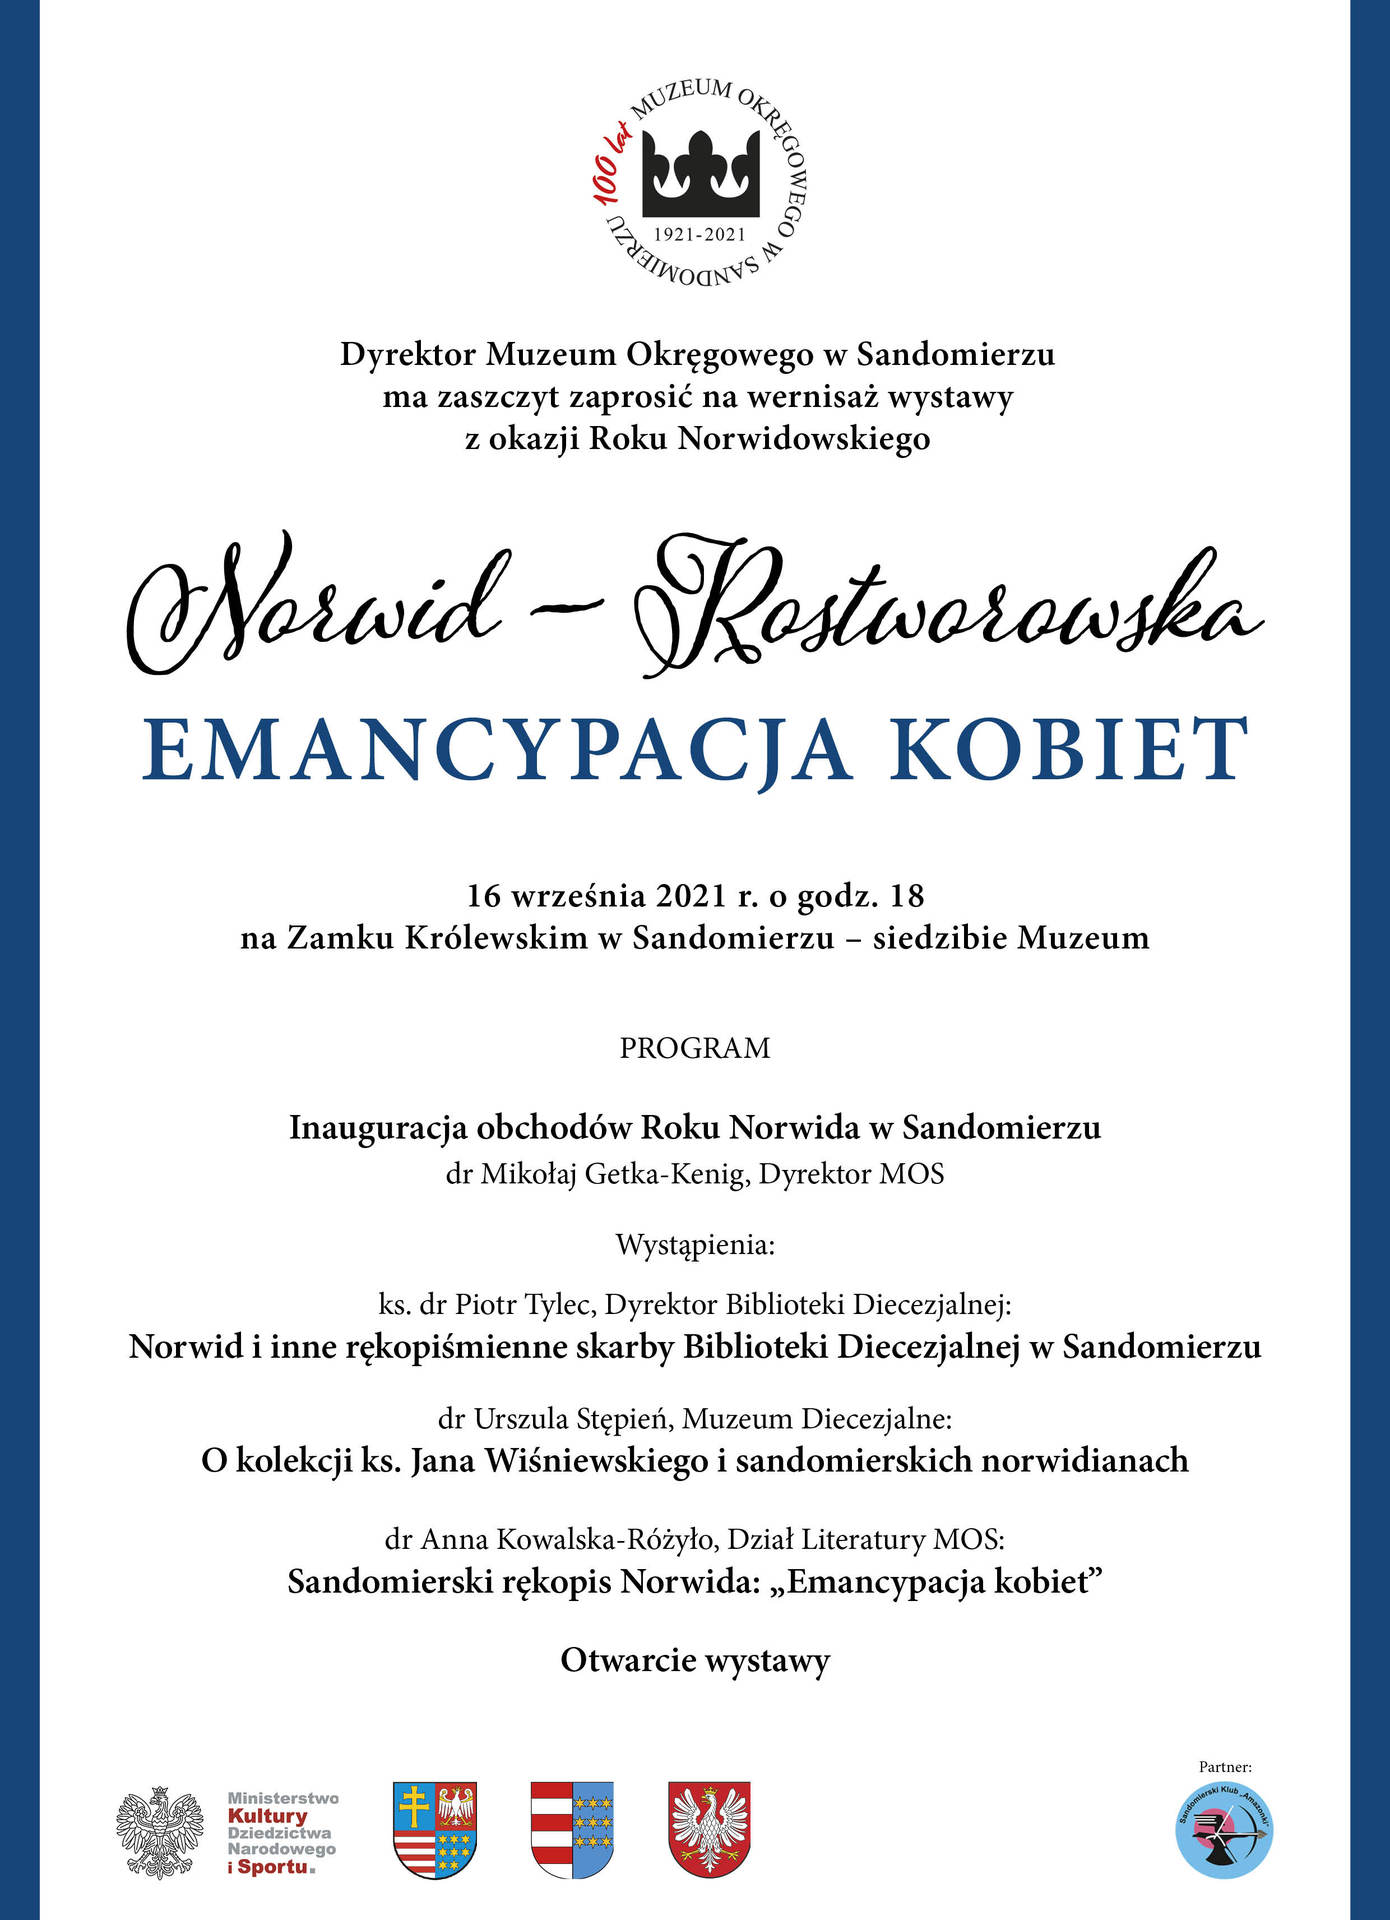 Norwid - Rostworowska. Zaproszenie WEB.jpeg